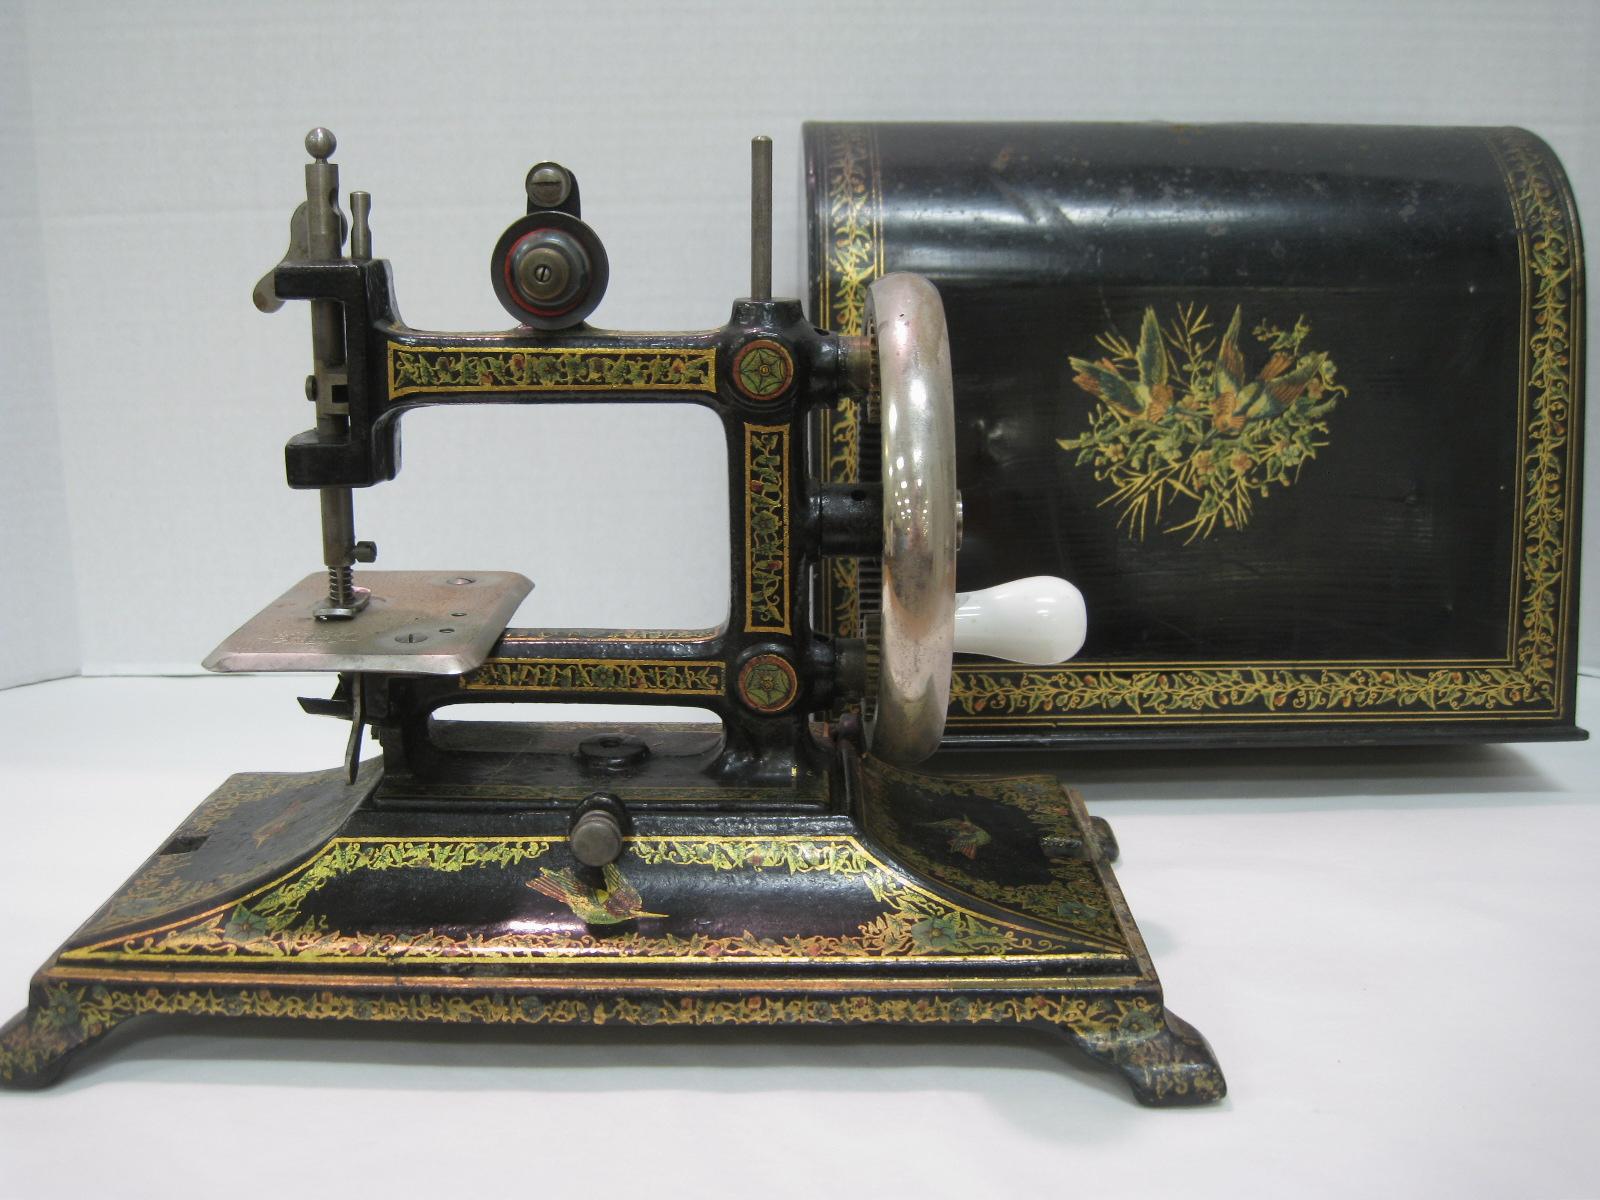 antique sewing machines antique sewing machines. Black Bedroom Furniture Sets. Home Design Ideas